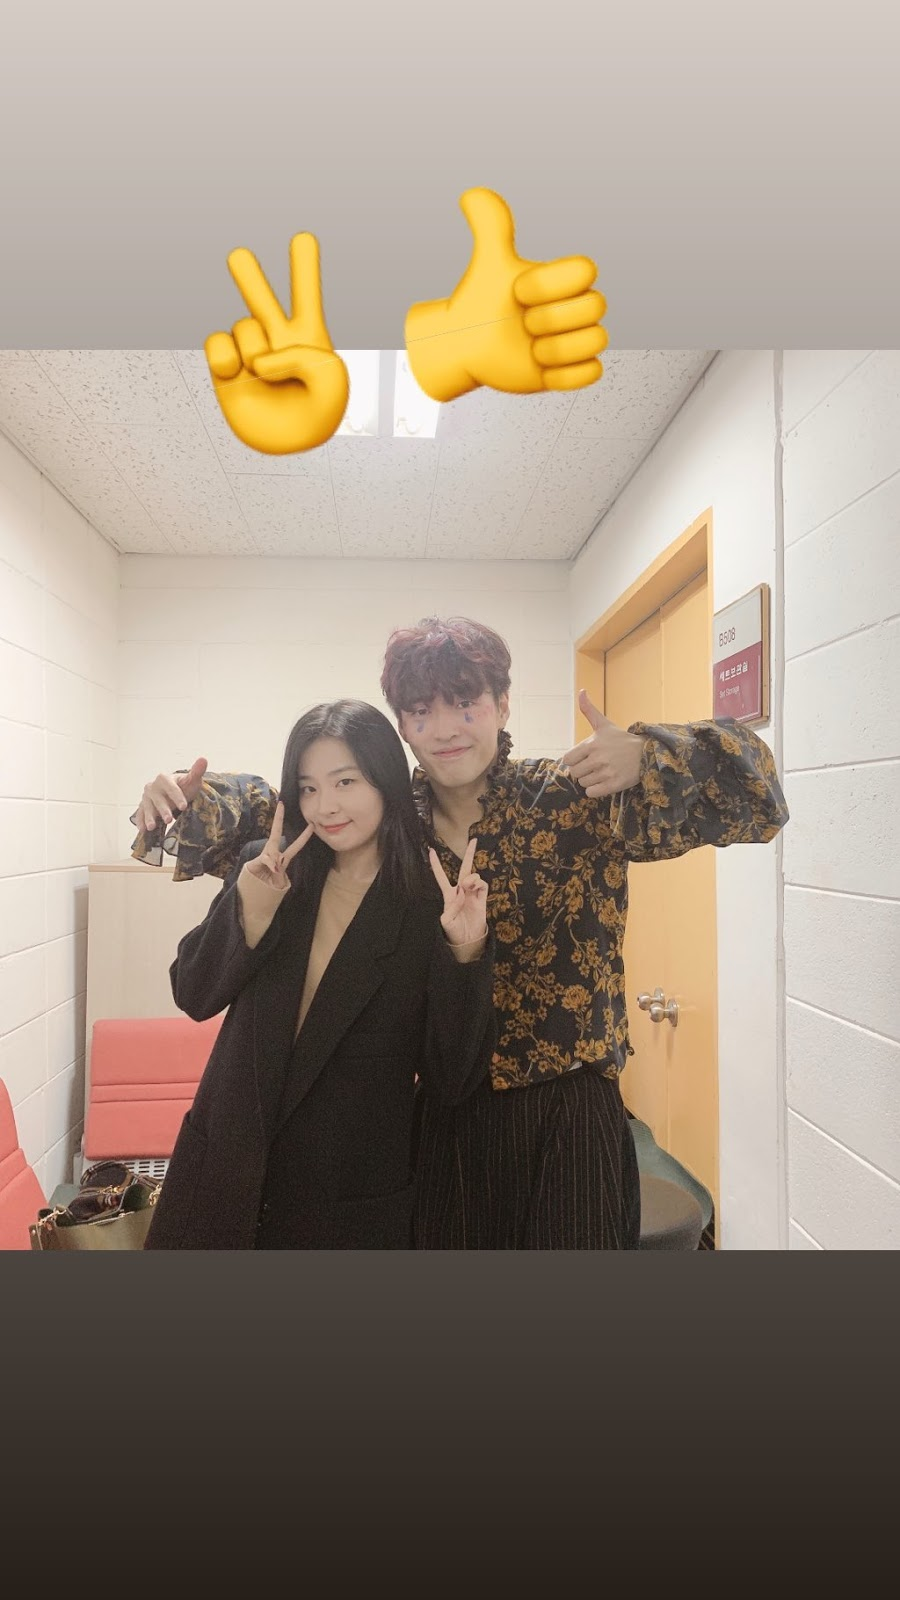 Red Velvet's Seulgi Give Support for Kang Ha Neul's Musical